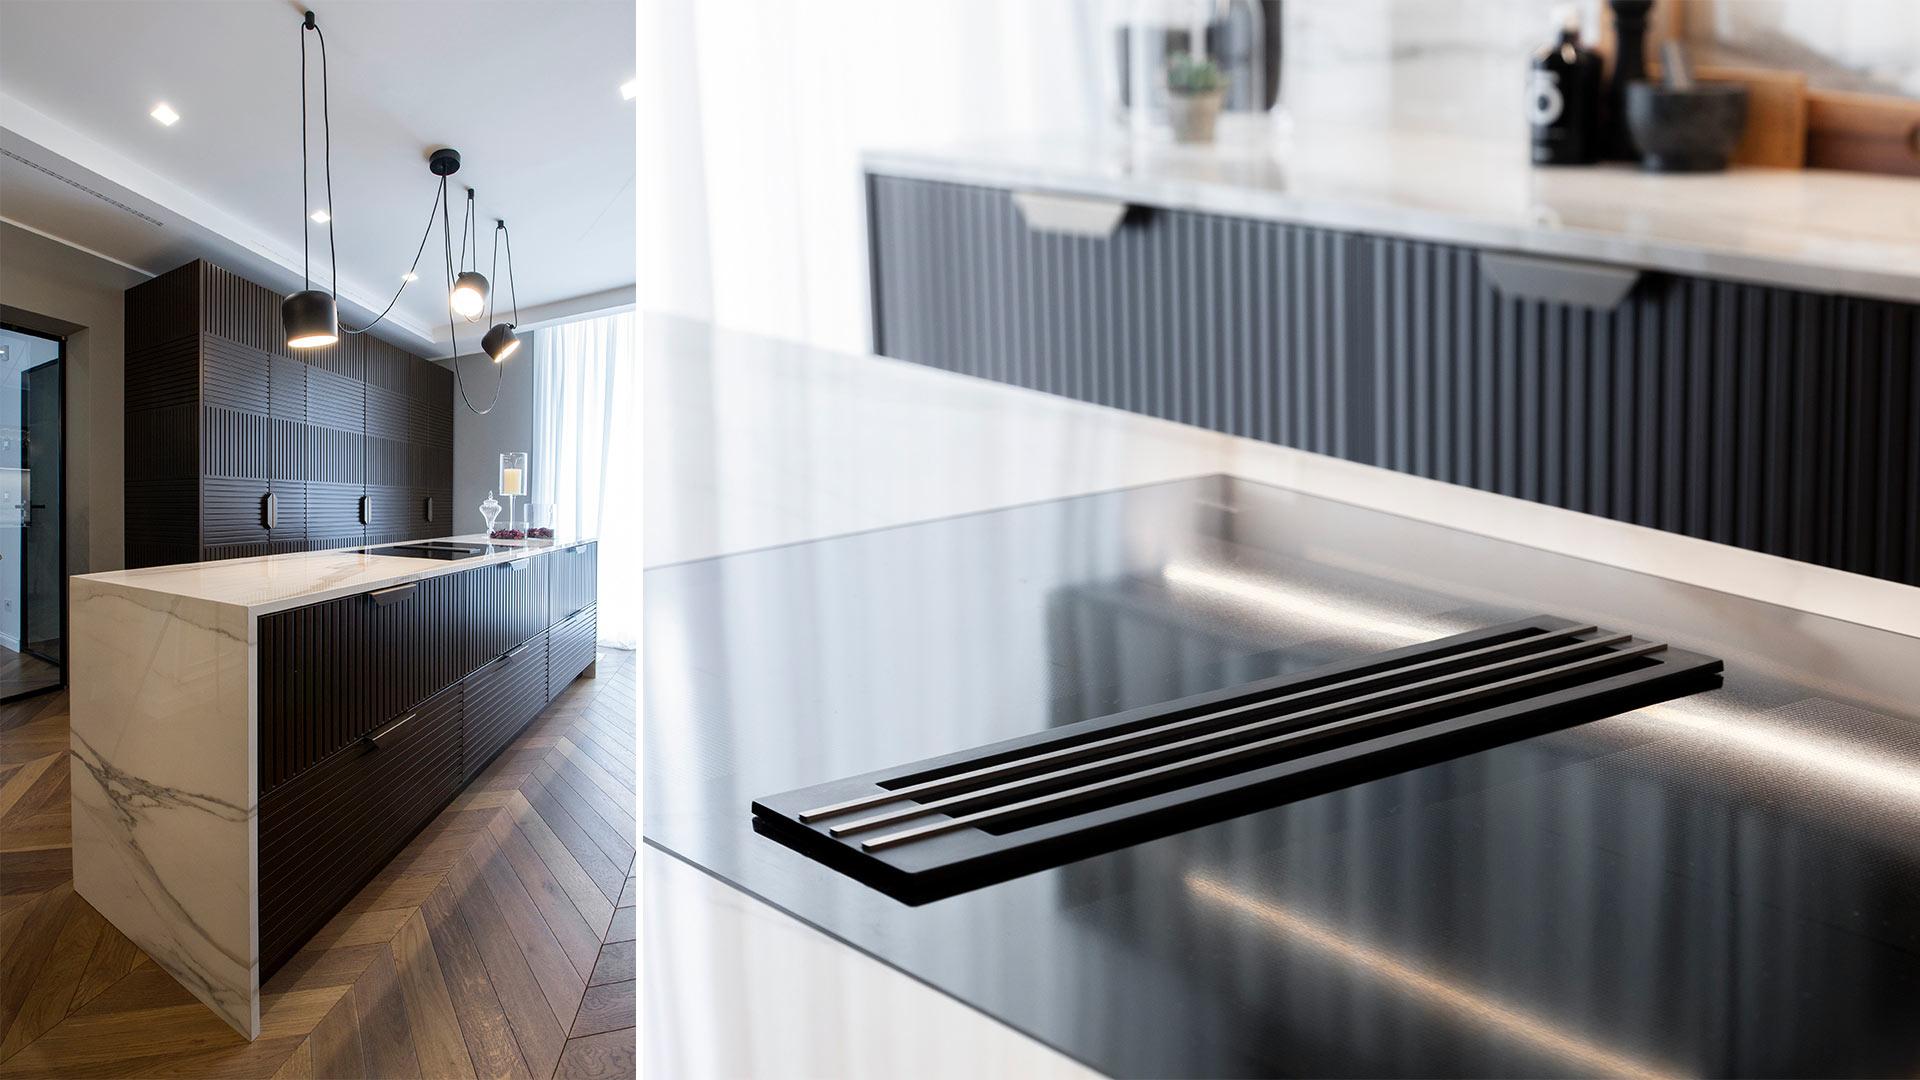 Cucina lineare su due lati con isola centrale